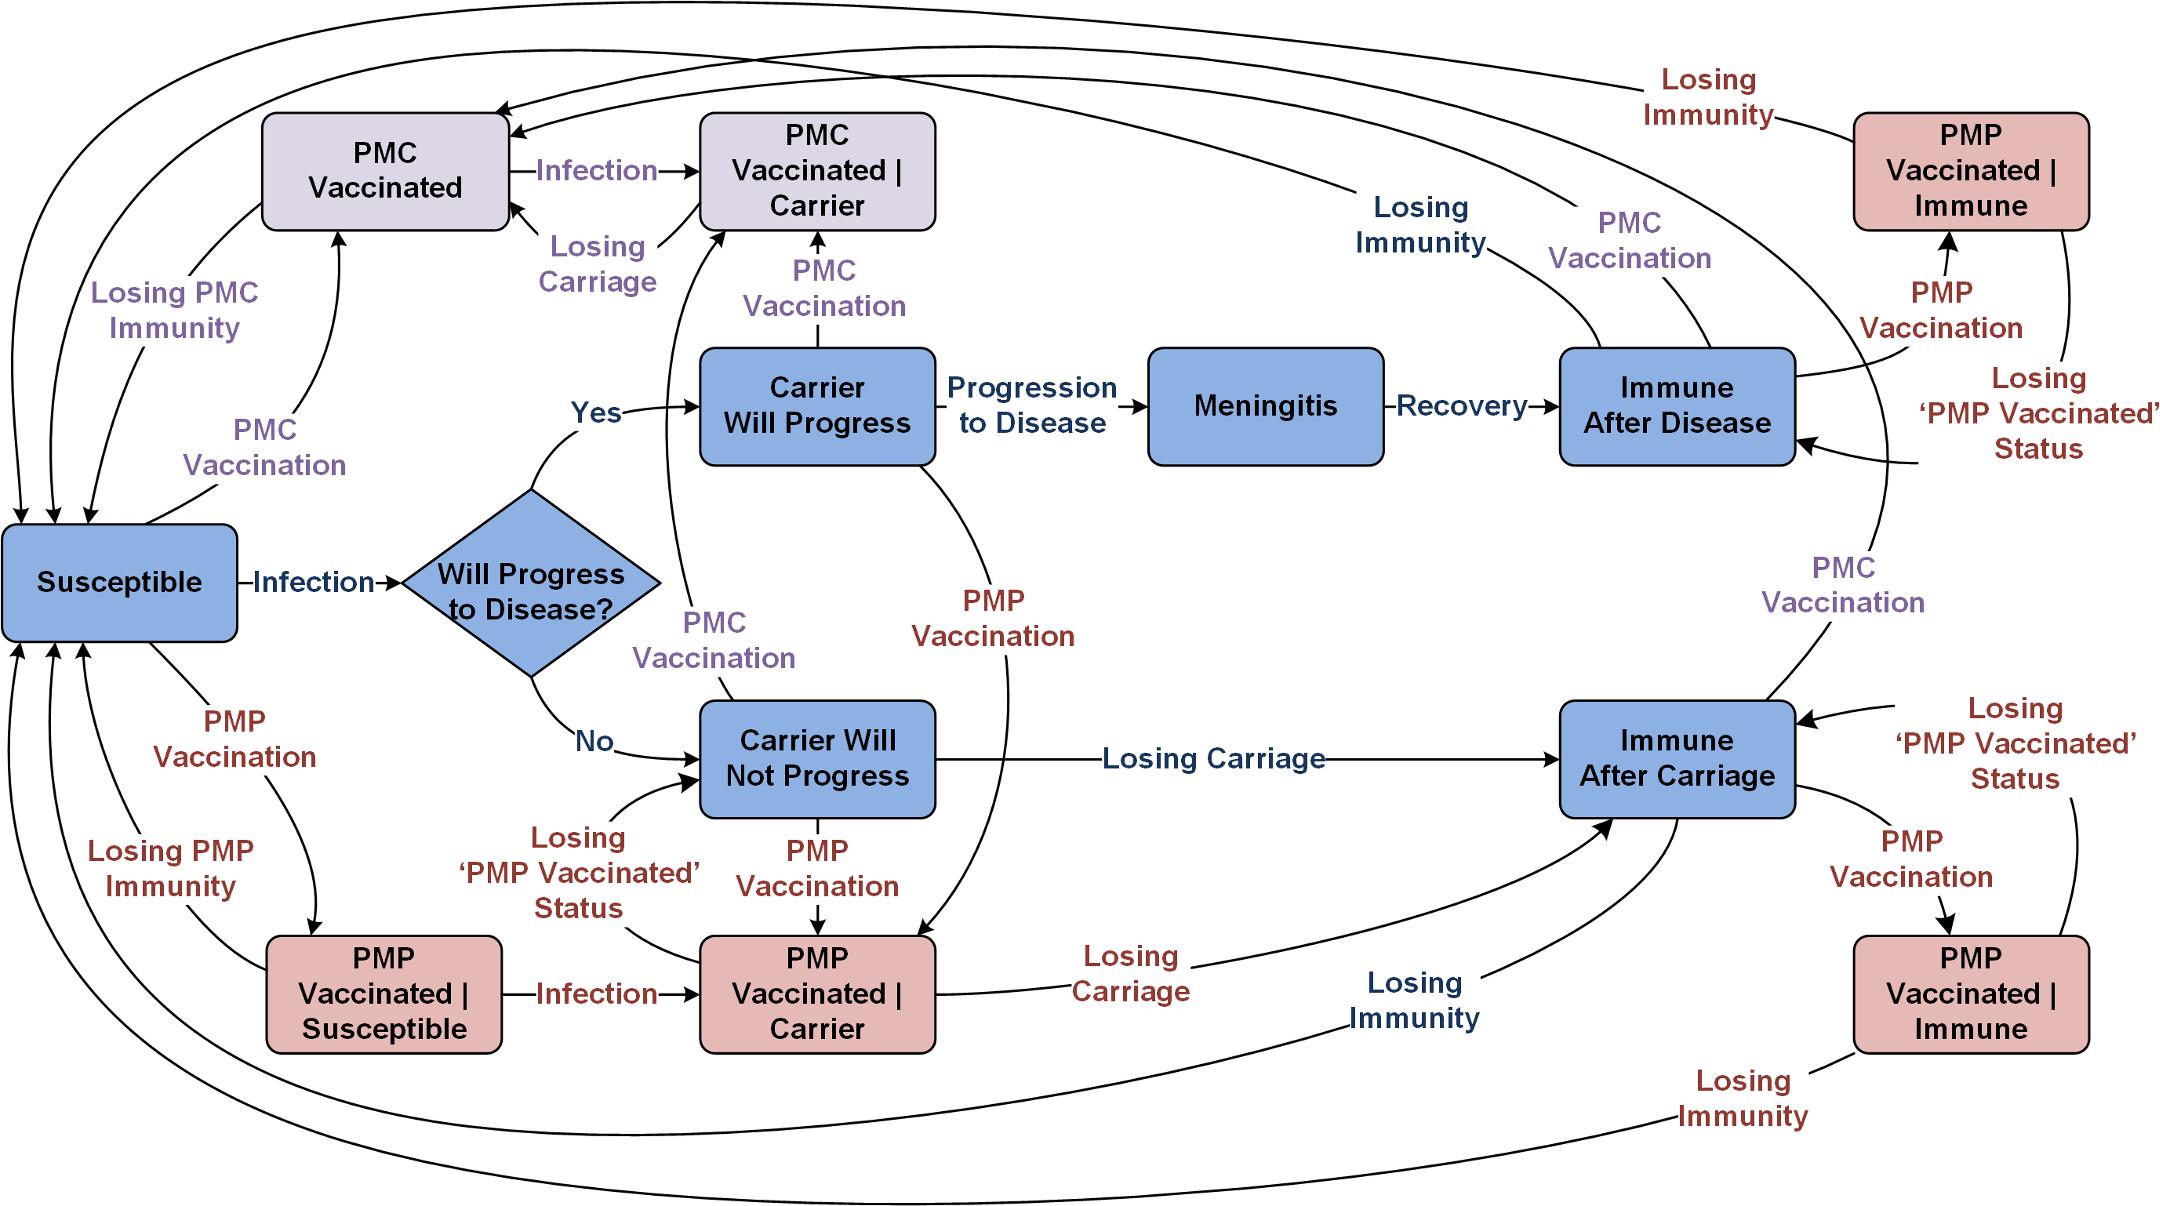 Meningitis natural history and transmission dynamics, assuming a single aggregated circulating serogroup.